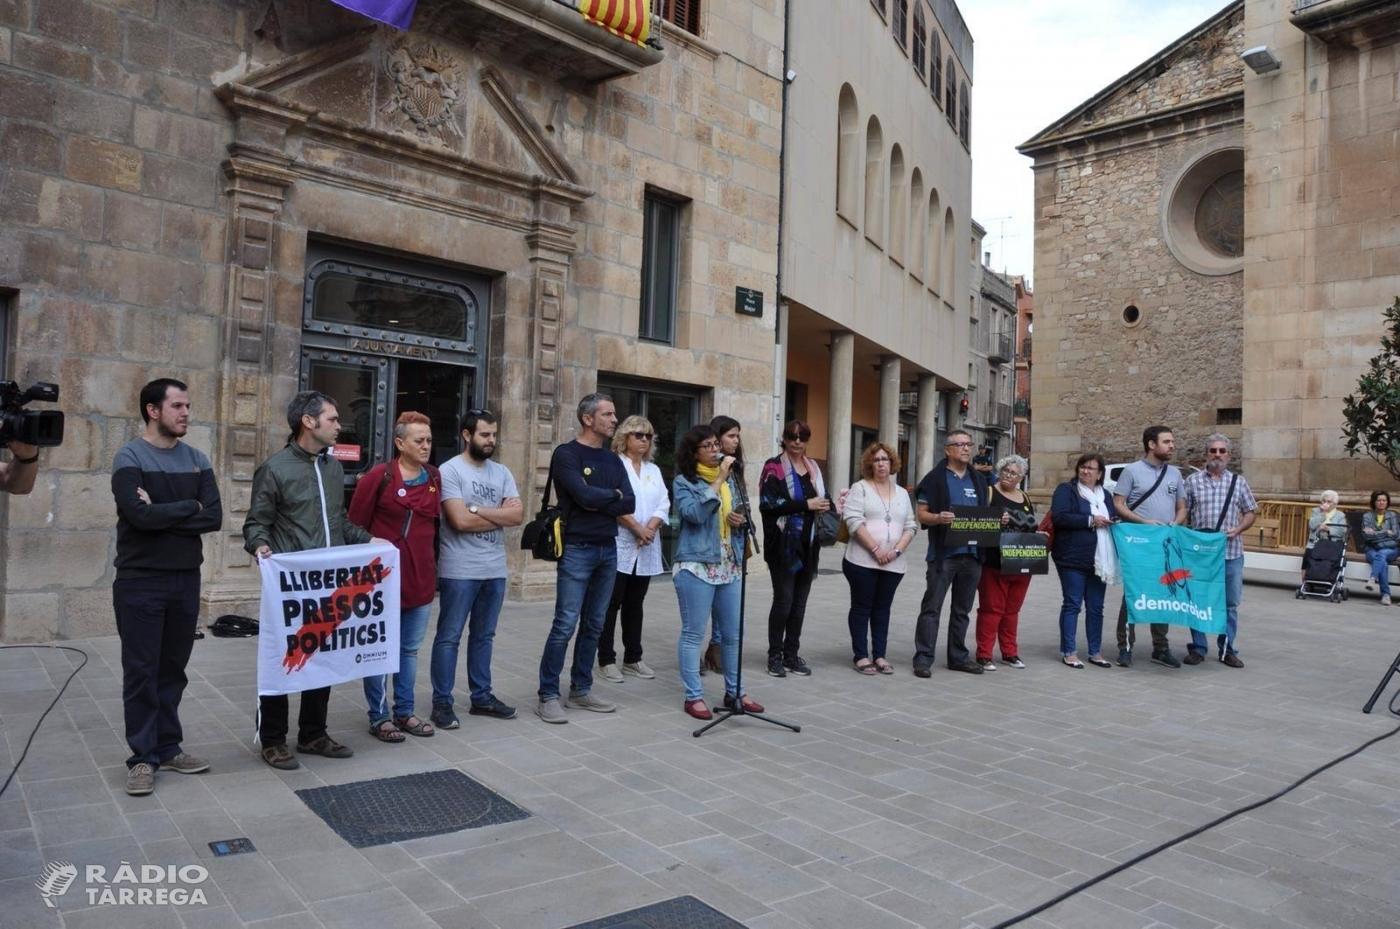 L'Ajuntament de Tàrrega expressa el rebuig contra la sentència als líders independentistes en una concentració a la plaça Major